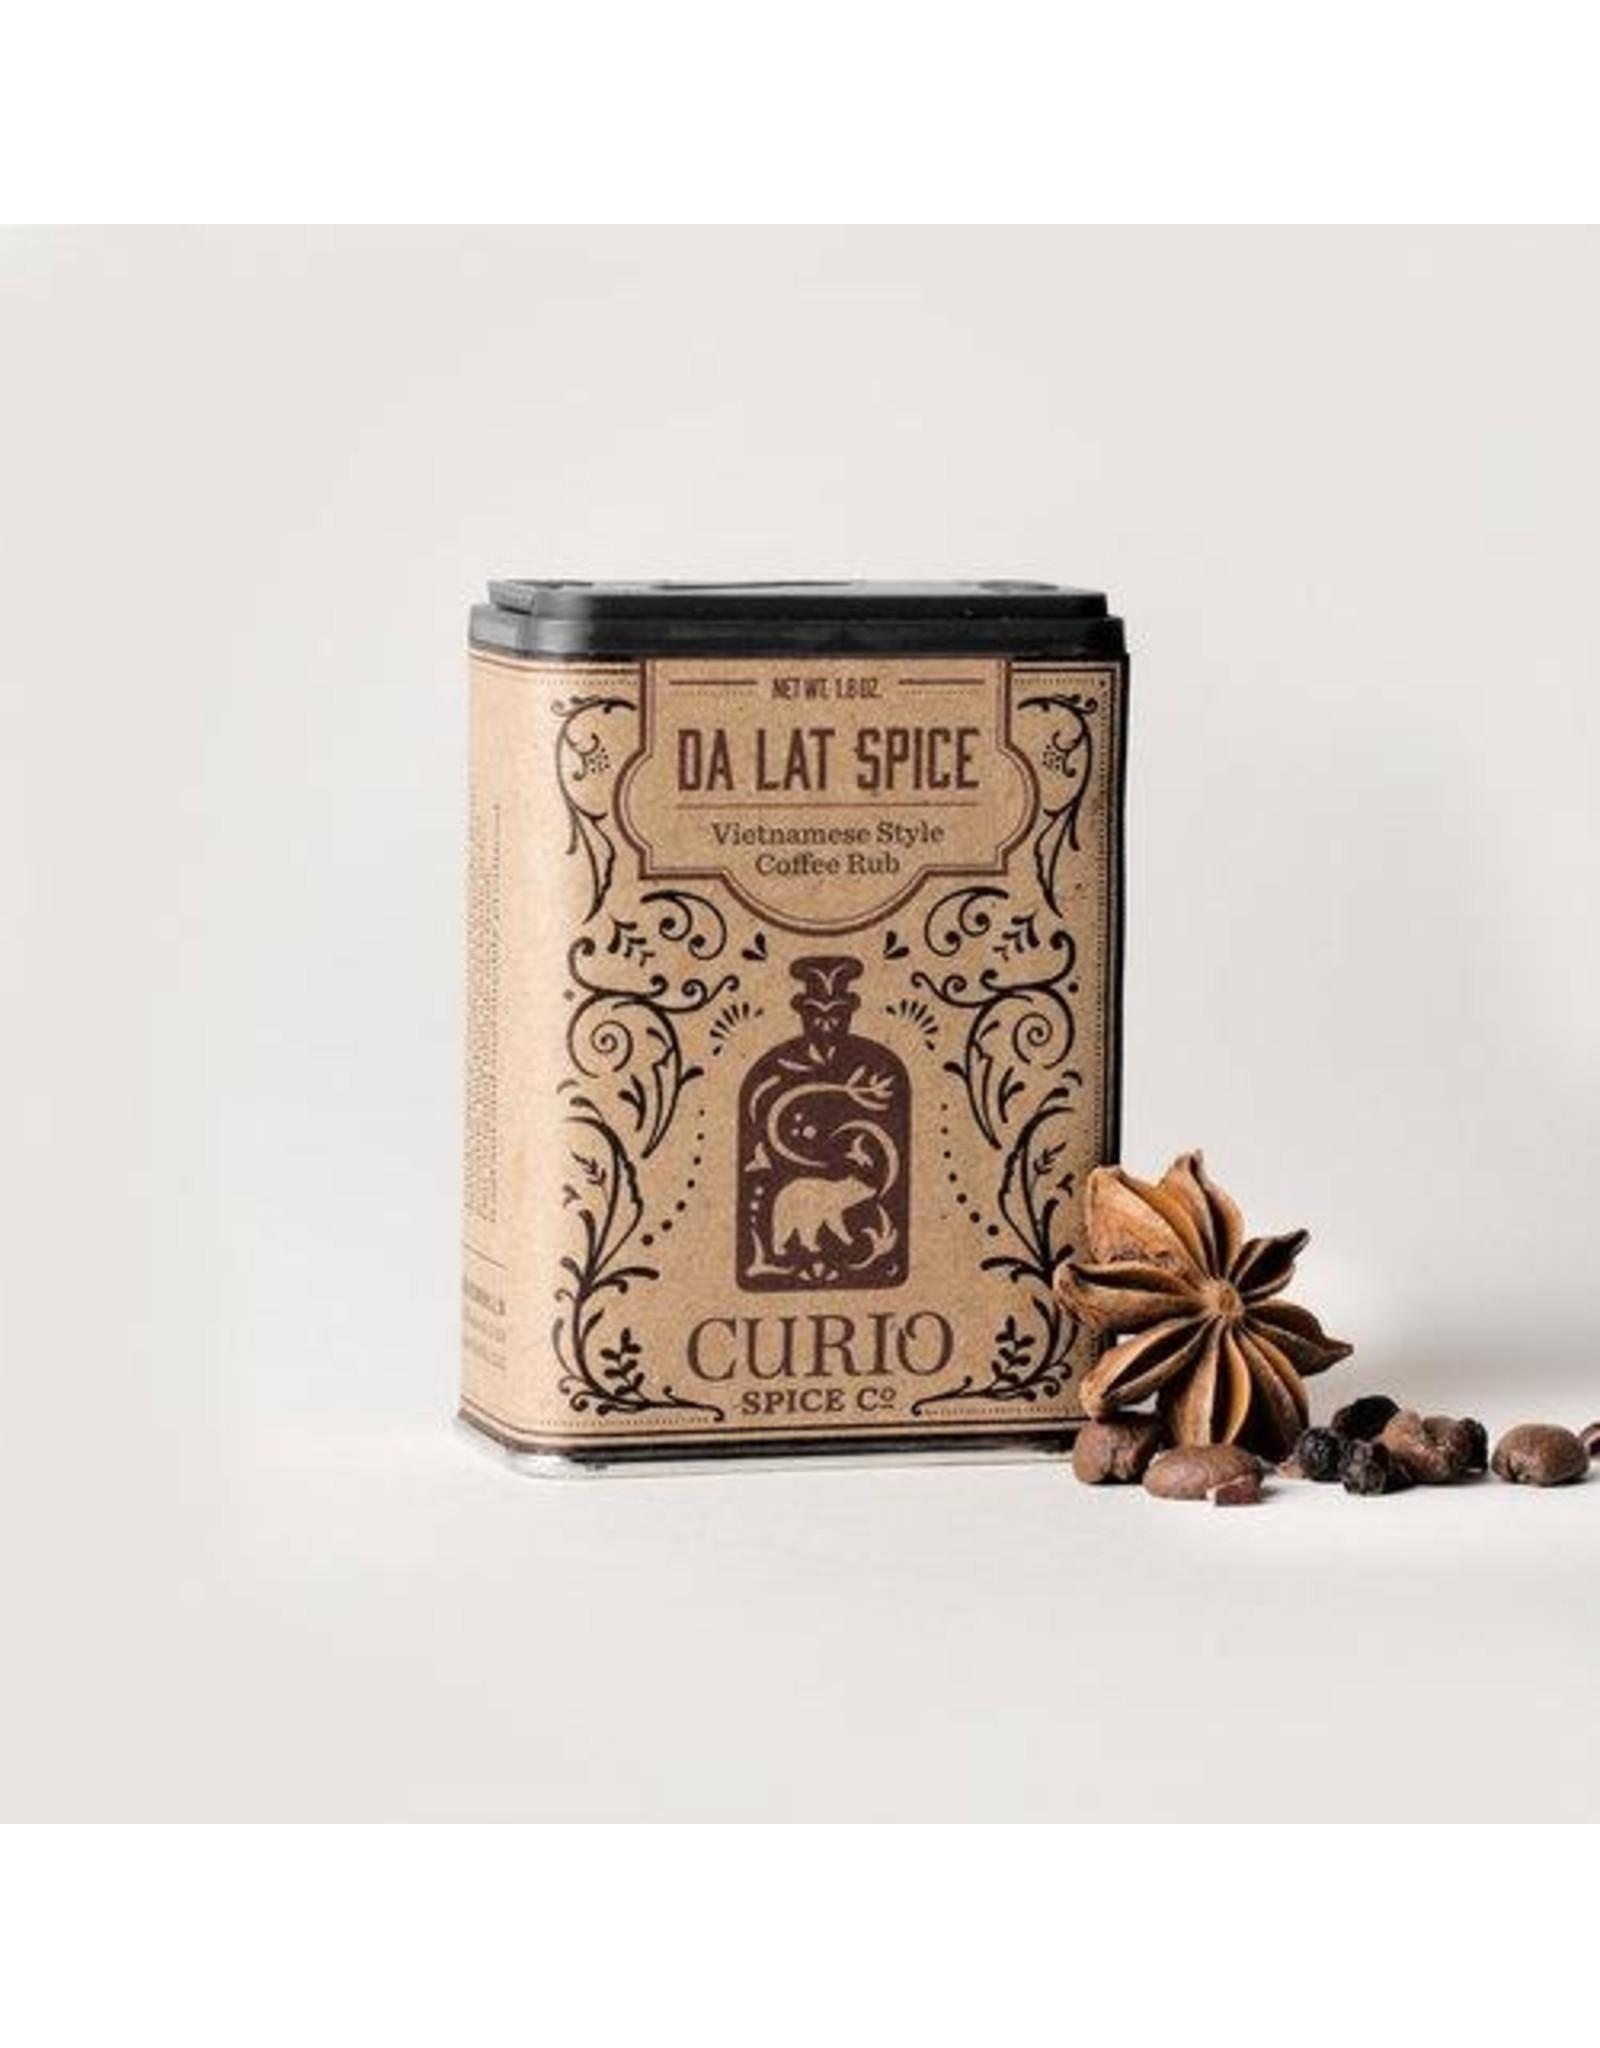 Curio Spice Co. Curio Spice (Da Lat Spice)